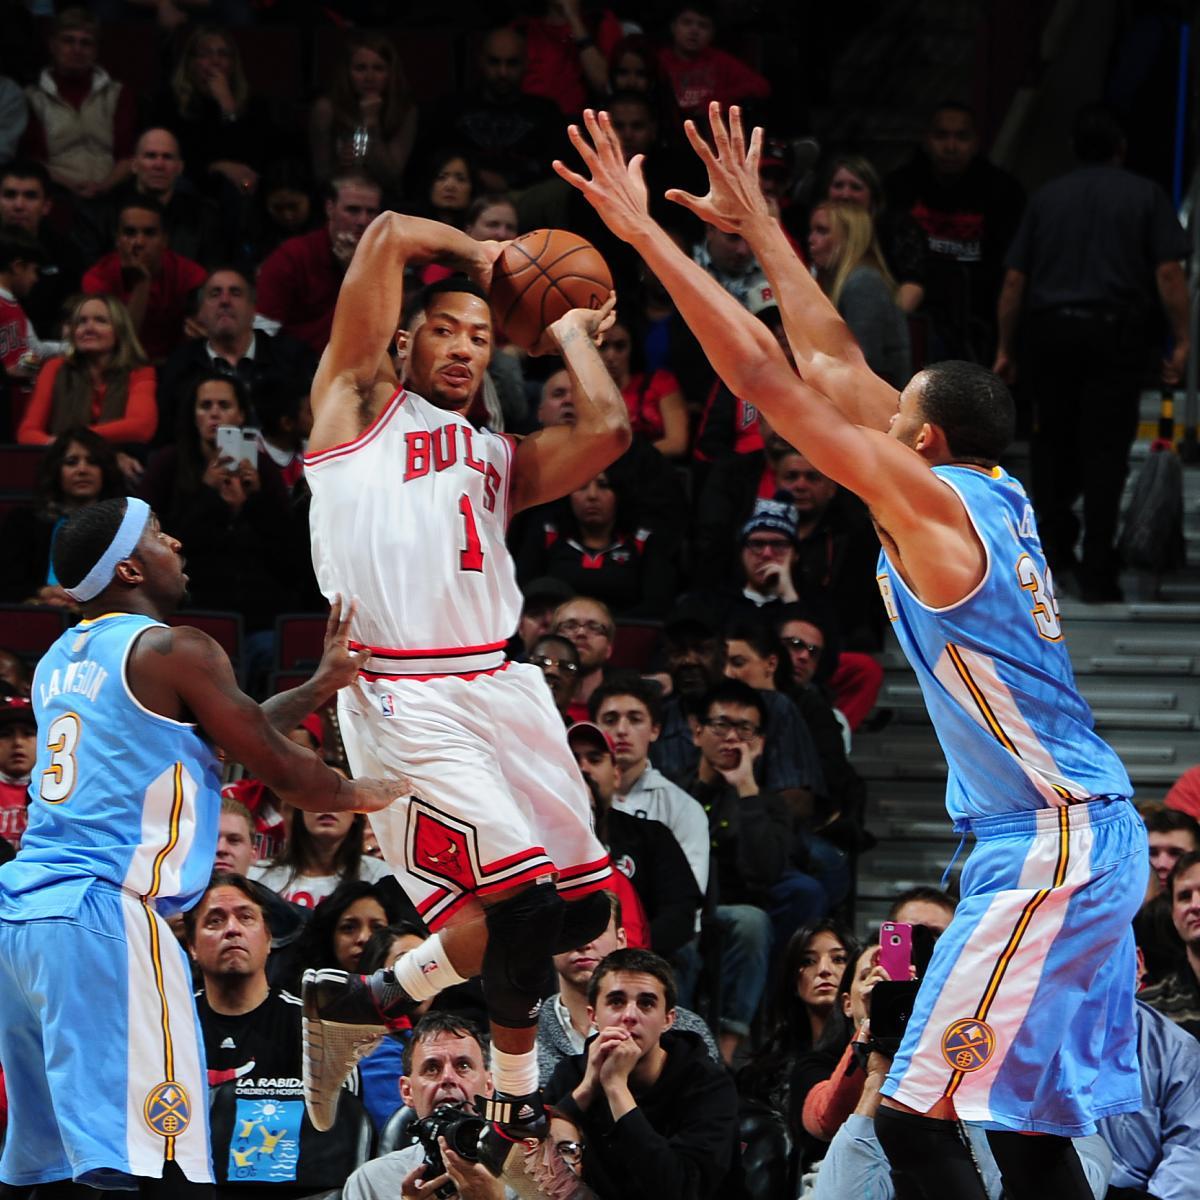 35f4465652b Denver Nuggets vs. Chicago Bulls  Recap and Player Grades